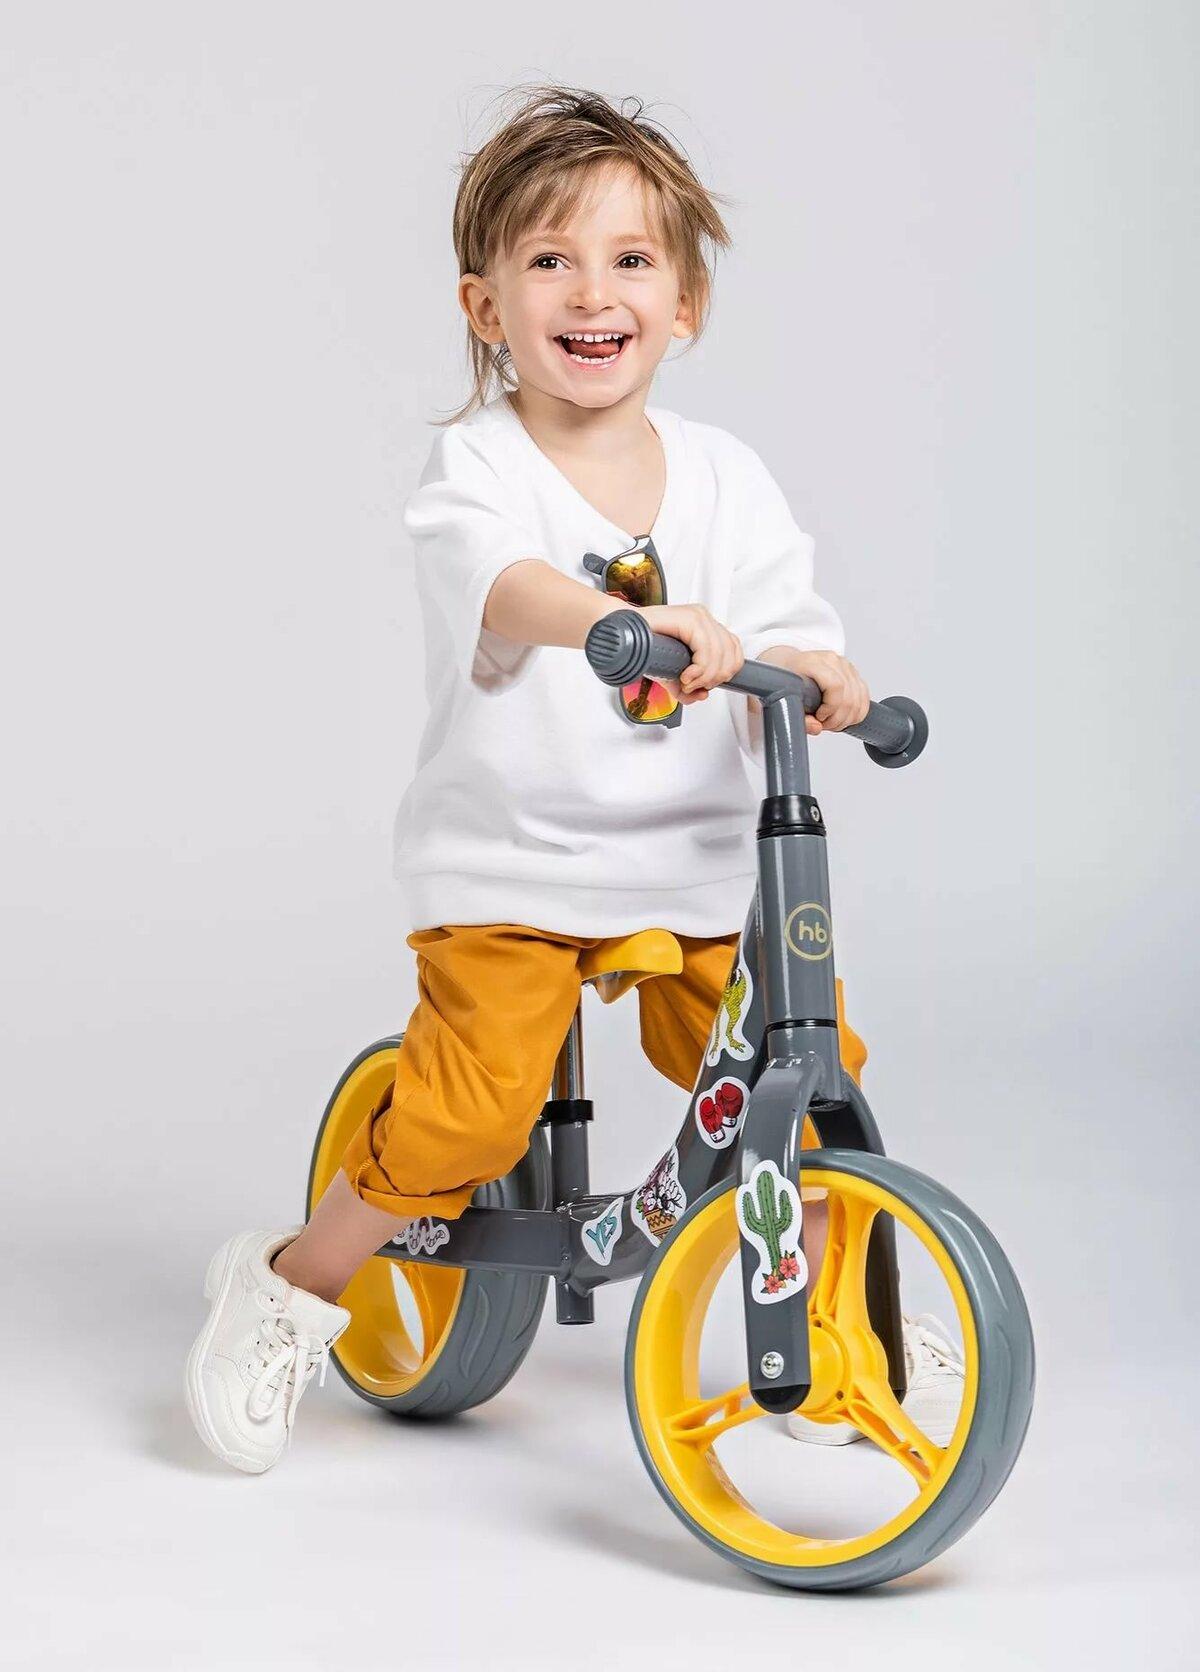 Детский велосипед или беговел: что купить ребенку 2-3 лет. прогулки с детьми